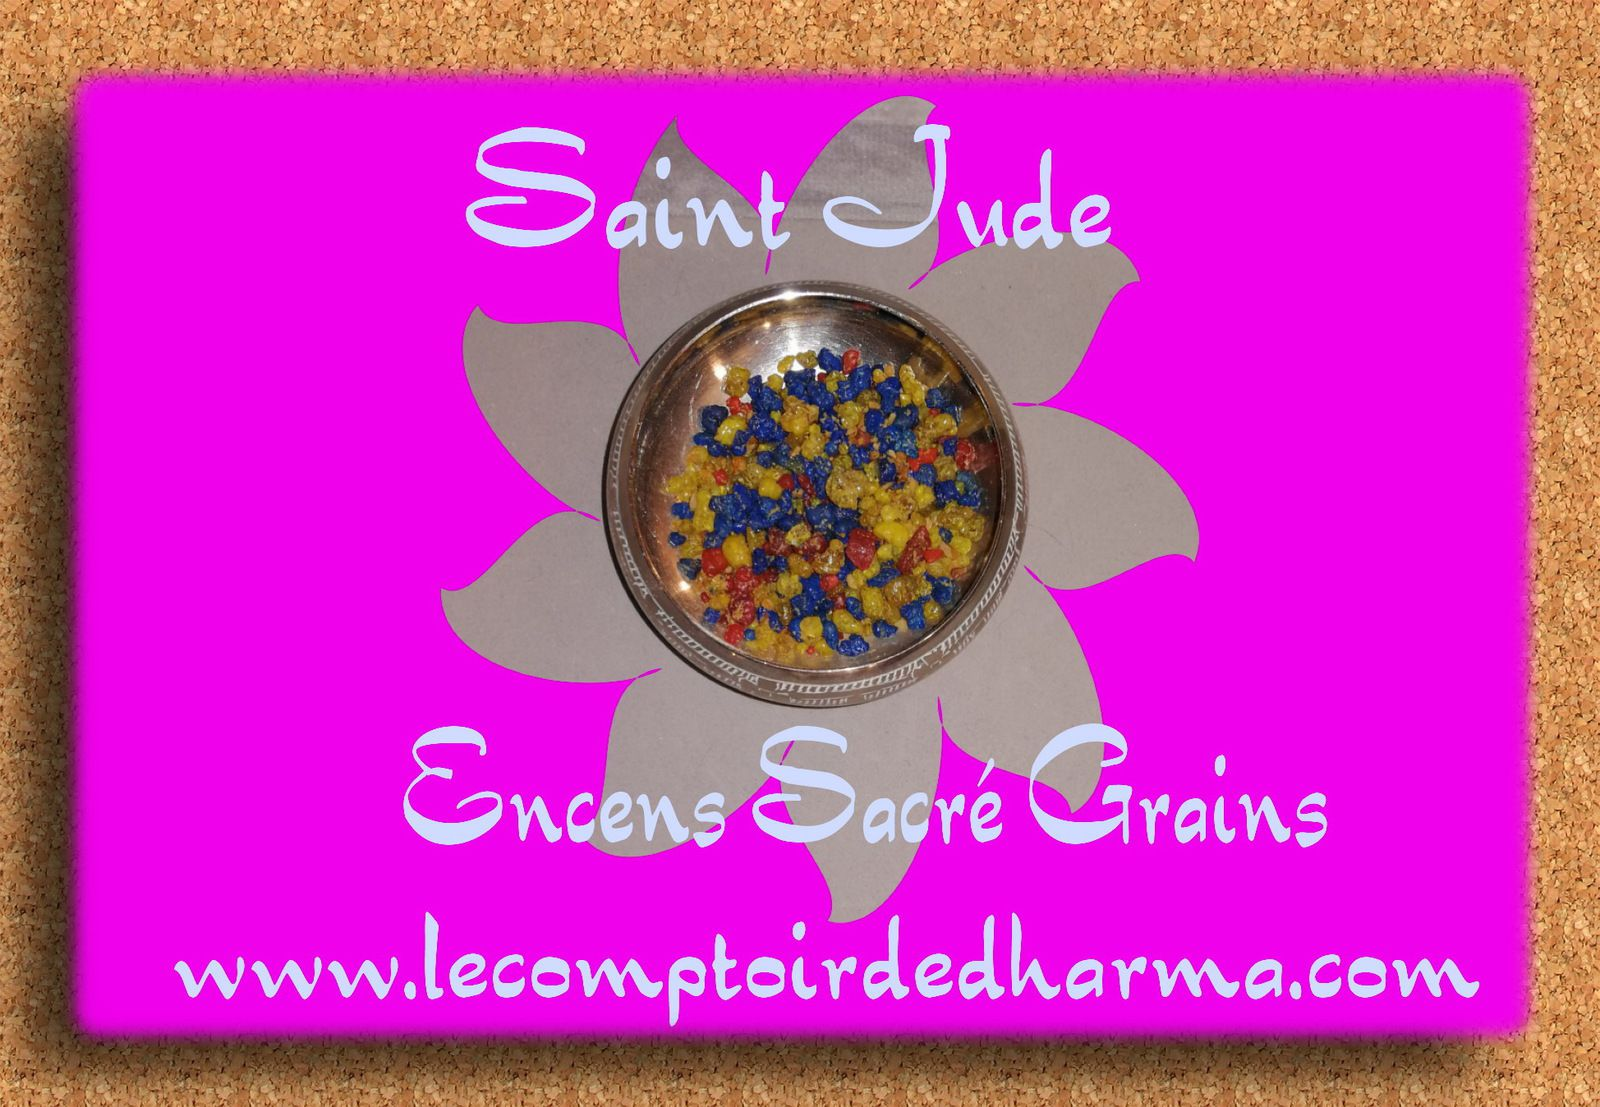 Saint Jude Encens Sacré grains